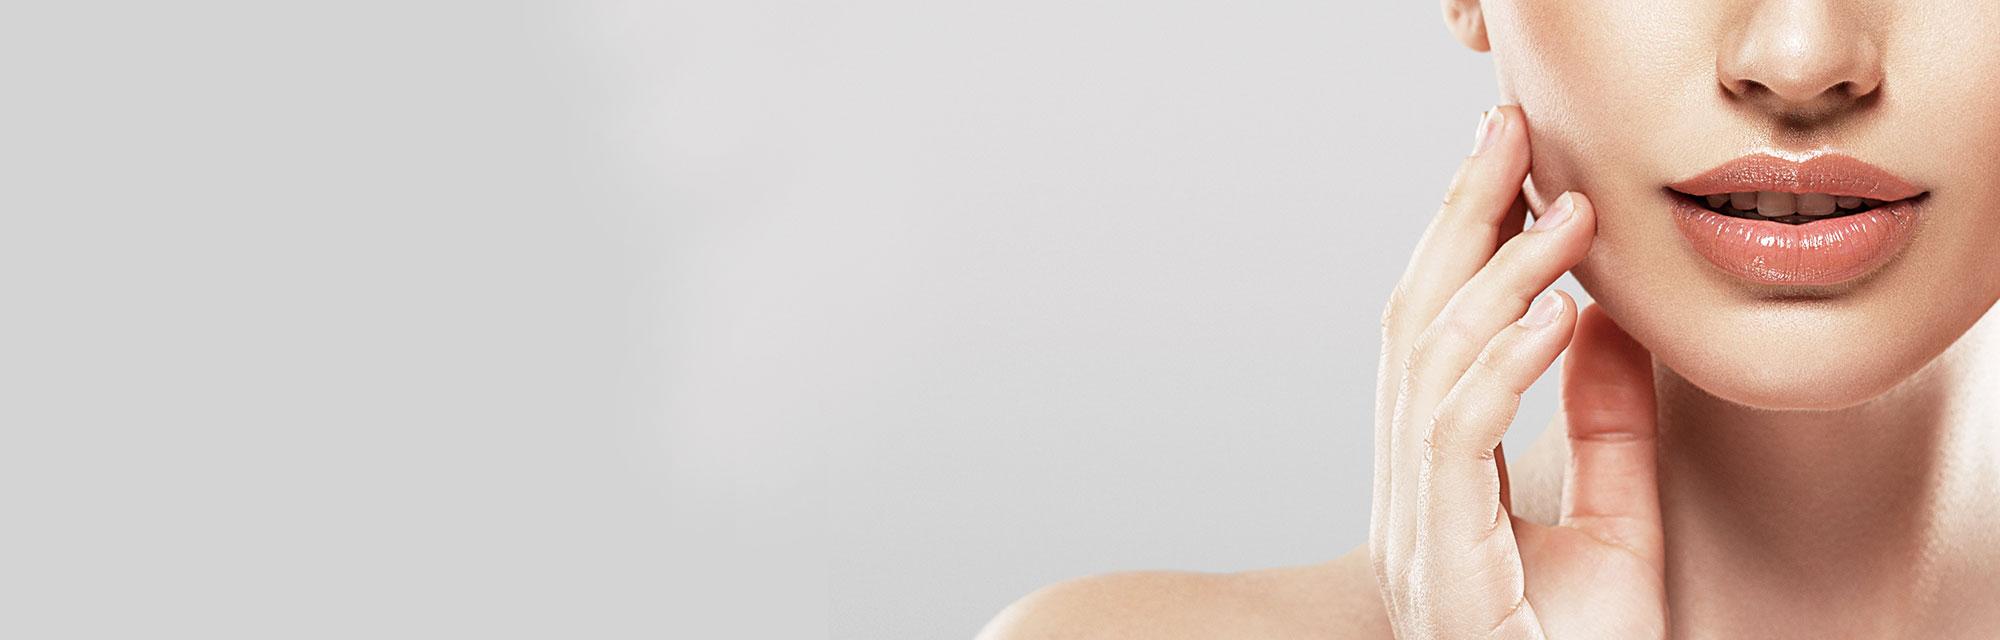 Lippenbehandlung, Fadenlifting, Botox | Die Plastischen Chirurginnen Tirol